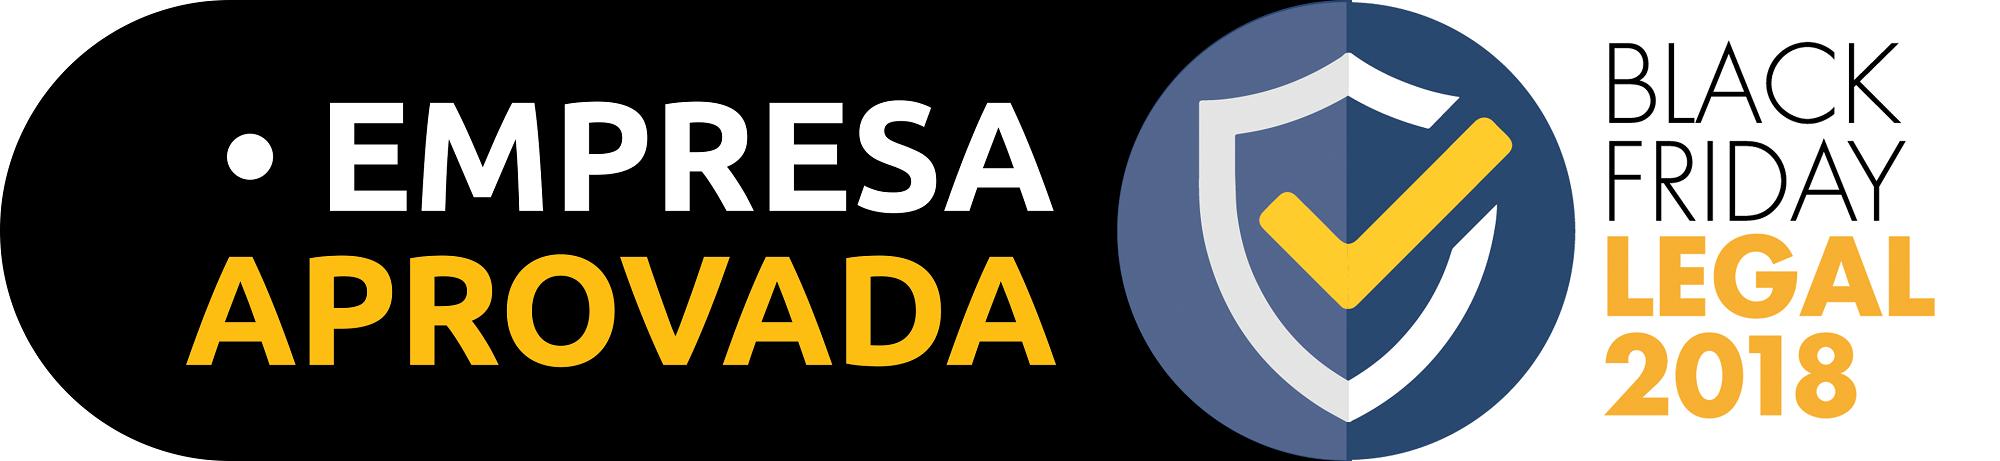 Tarja Black Friday Legal 2018